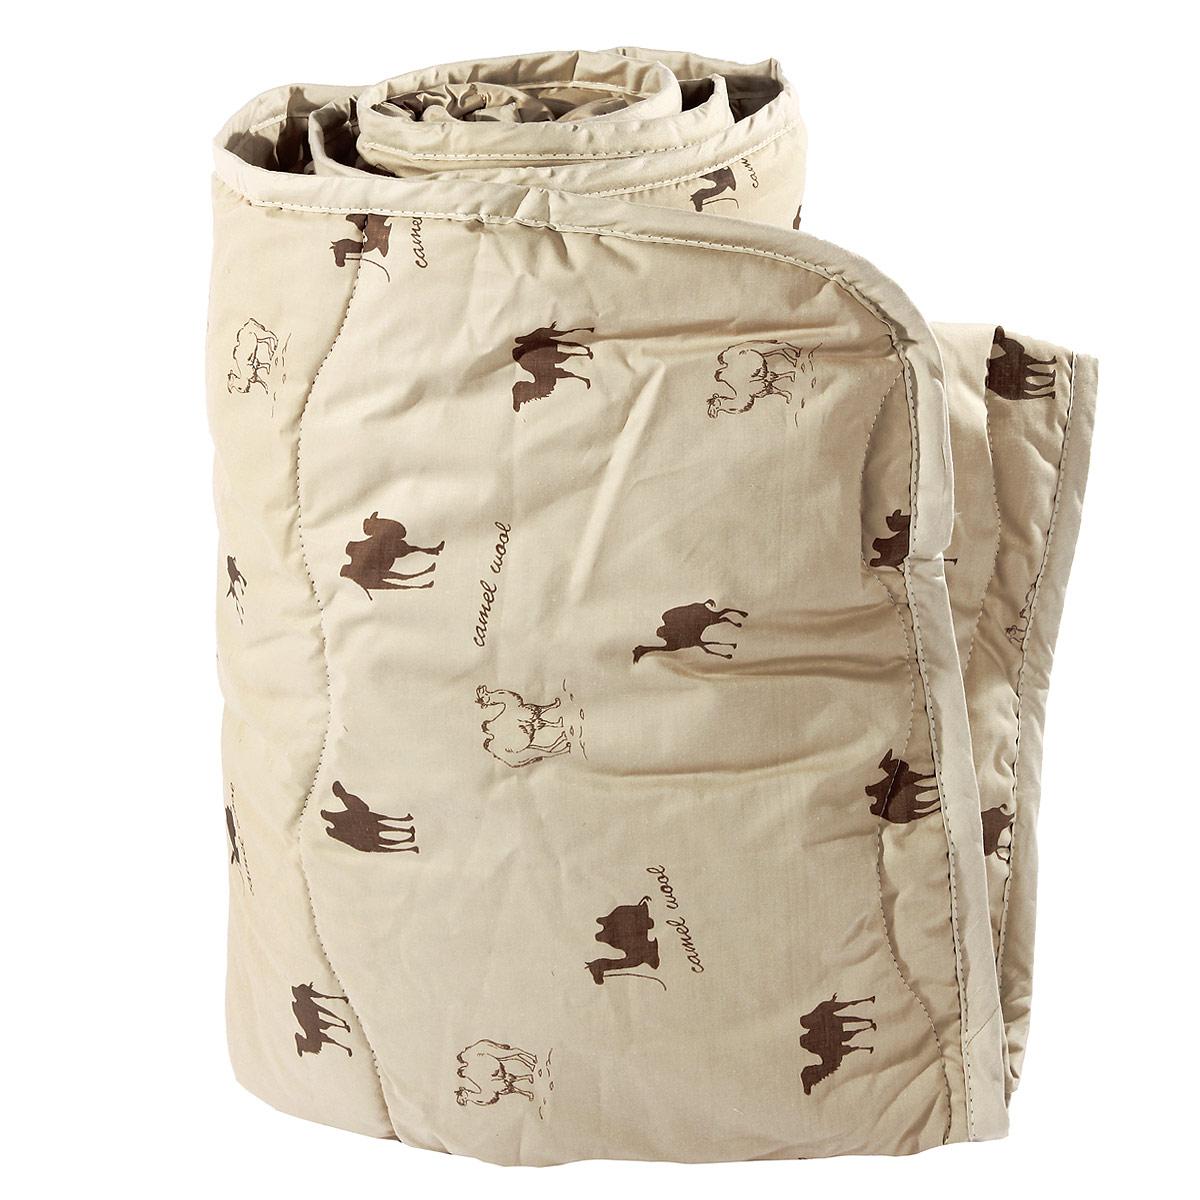 Одеяло Verossa, наполнитель: верблюжья шерсть, 140 см х 205 см170268Одеяло Verossa представляет собой стеганый чехол из натурального хлопка с наполнителем из верблюжьей шерсти.Наполнитель обладает высокой гигроскопичностью, создавая эффект сухого тепла. Волокна верблюжьей шерсти полые внутри, образуют пласт, содержащий множество воздушных кармашков, которые равномерно сохраняют и распределяют тепло, обеспечивая естественную терморегуляцию в жару и холод.Верблюжья шерсть обладает рядом уникальных лечебных свойств, благодаря которым расширяются сосуды, усиливается микроциркуляция крови. Шерсть снимает статическое напряжение, благоприятно воздействует на опорно-двигательный аппарат.Одеяло, выстеганное оригинальным узором Барханы, украсит ваш дом и подарит наслаждение от отдыха.Одеяло упаковано в прозрачный пластиковый чехол на змейке с ручкой, что является чрезвычайно удобным при переноске. Характеристики:Материал чехла: перкаль (100% хлопок). Наполнитель: верблюжья шерсть. Масса наполнителя: 300 г/м2. Размер одеяла: 140 см х 205 см. Размер упаковки:60 см x 15 см x 45 см. Артикул: 170268.